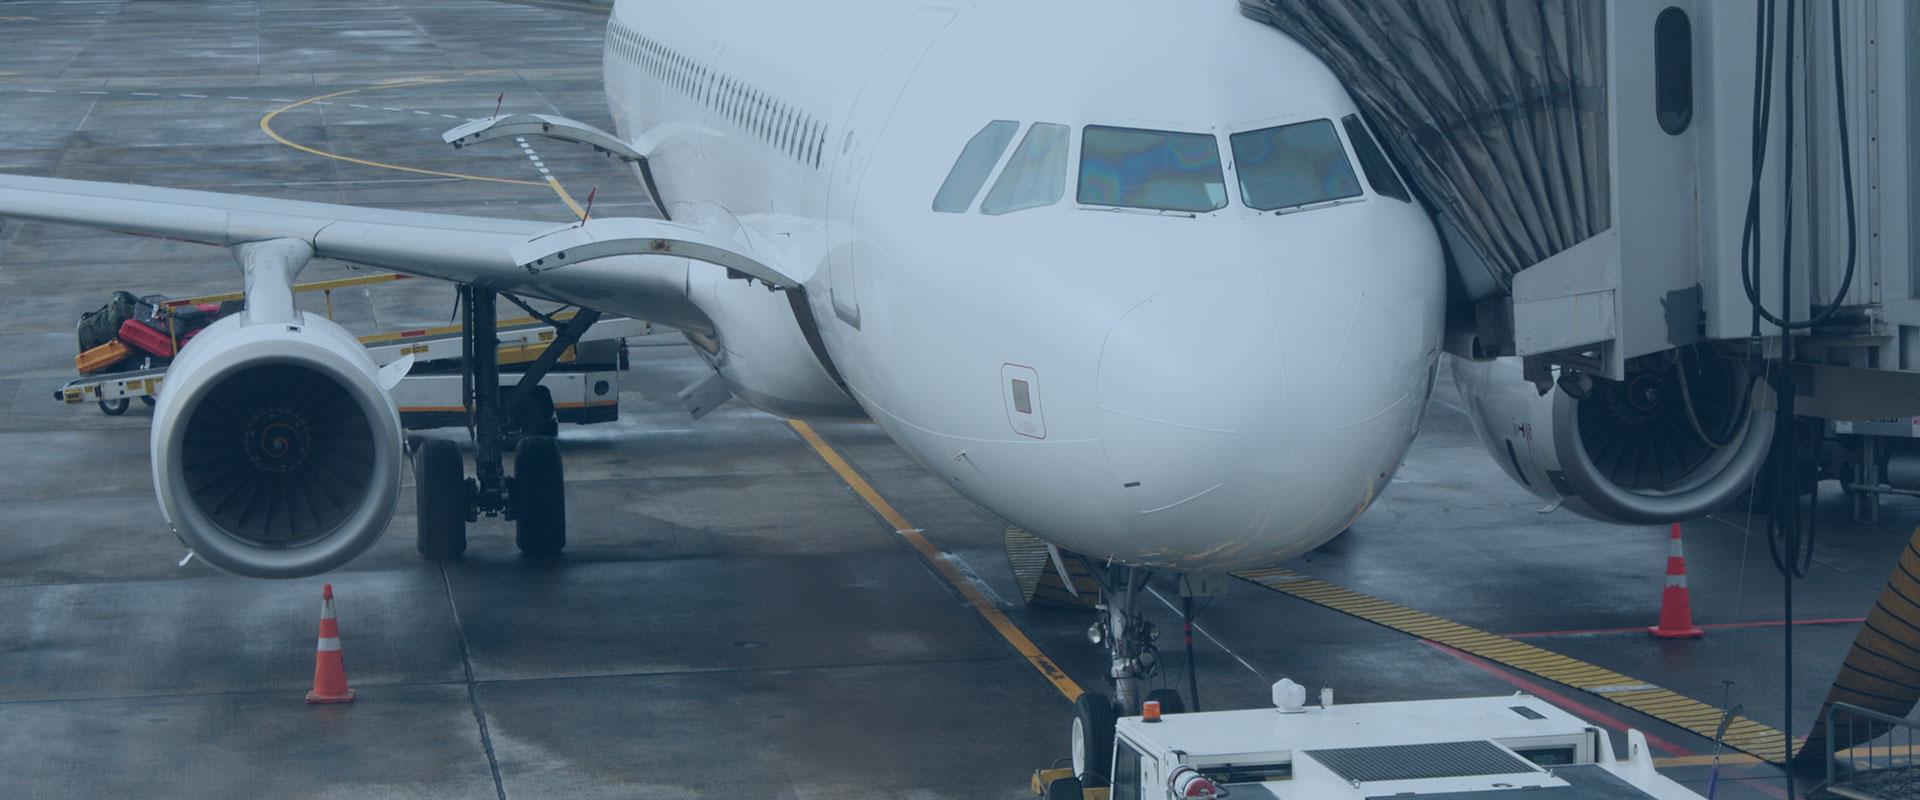 Capa banner-01.jpg - Seguro de Resp. Civil Aeroportuário